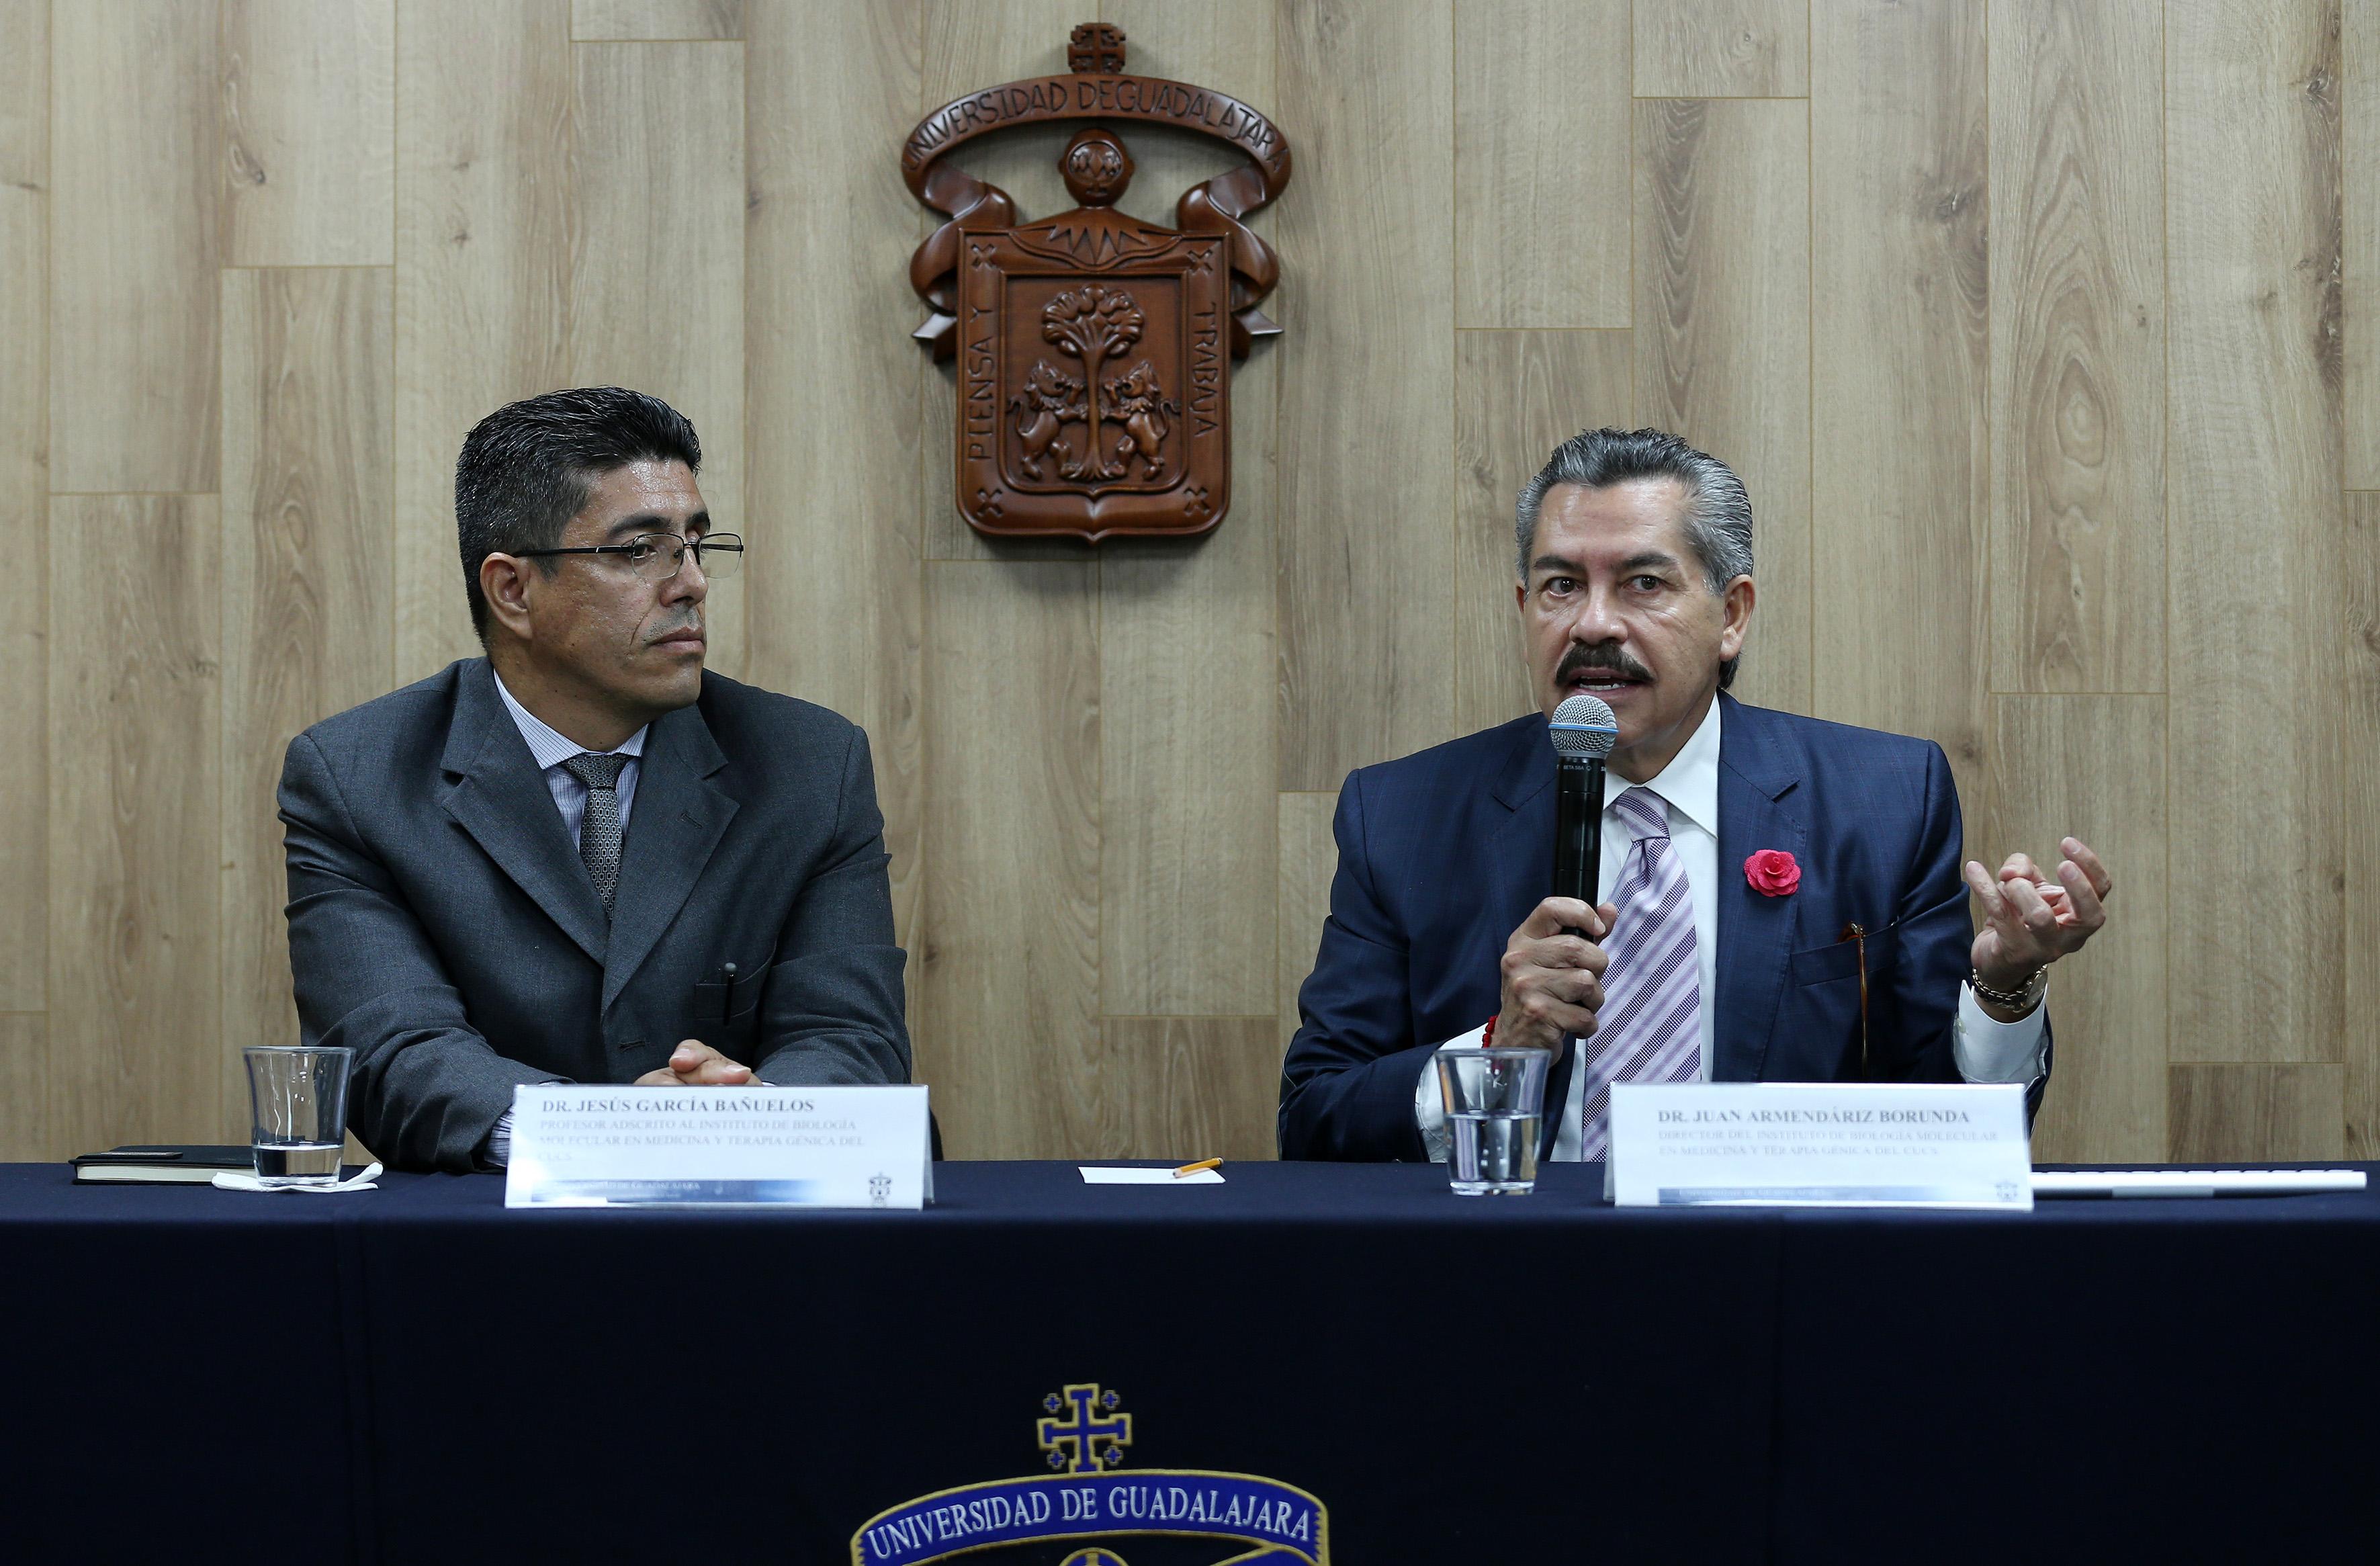 Dr. Juan Armendáriz al micrófono en compañía del Dr. Jesús García Bañuelos